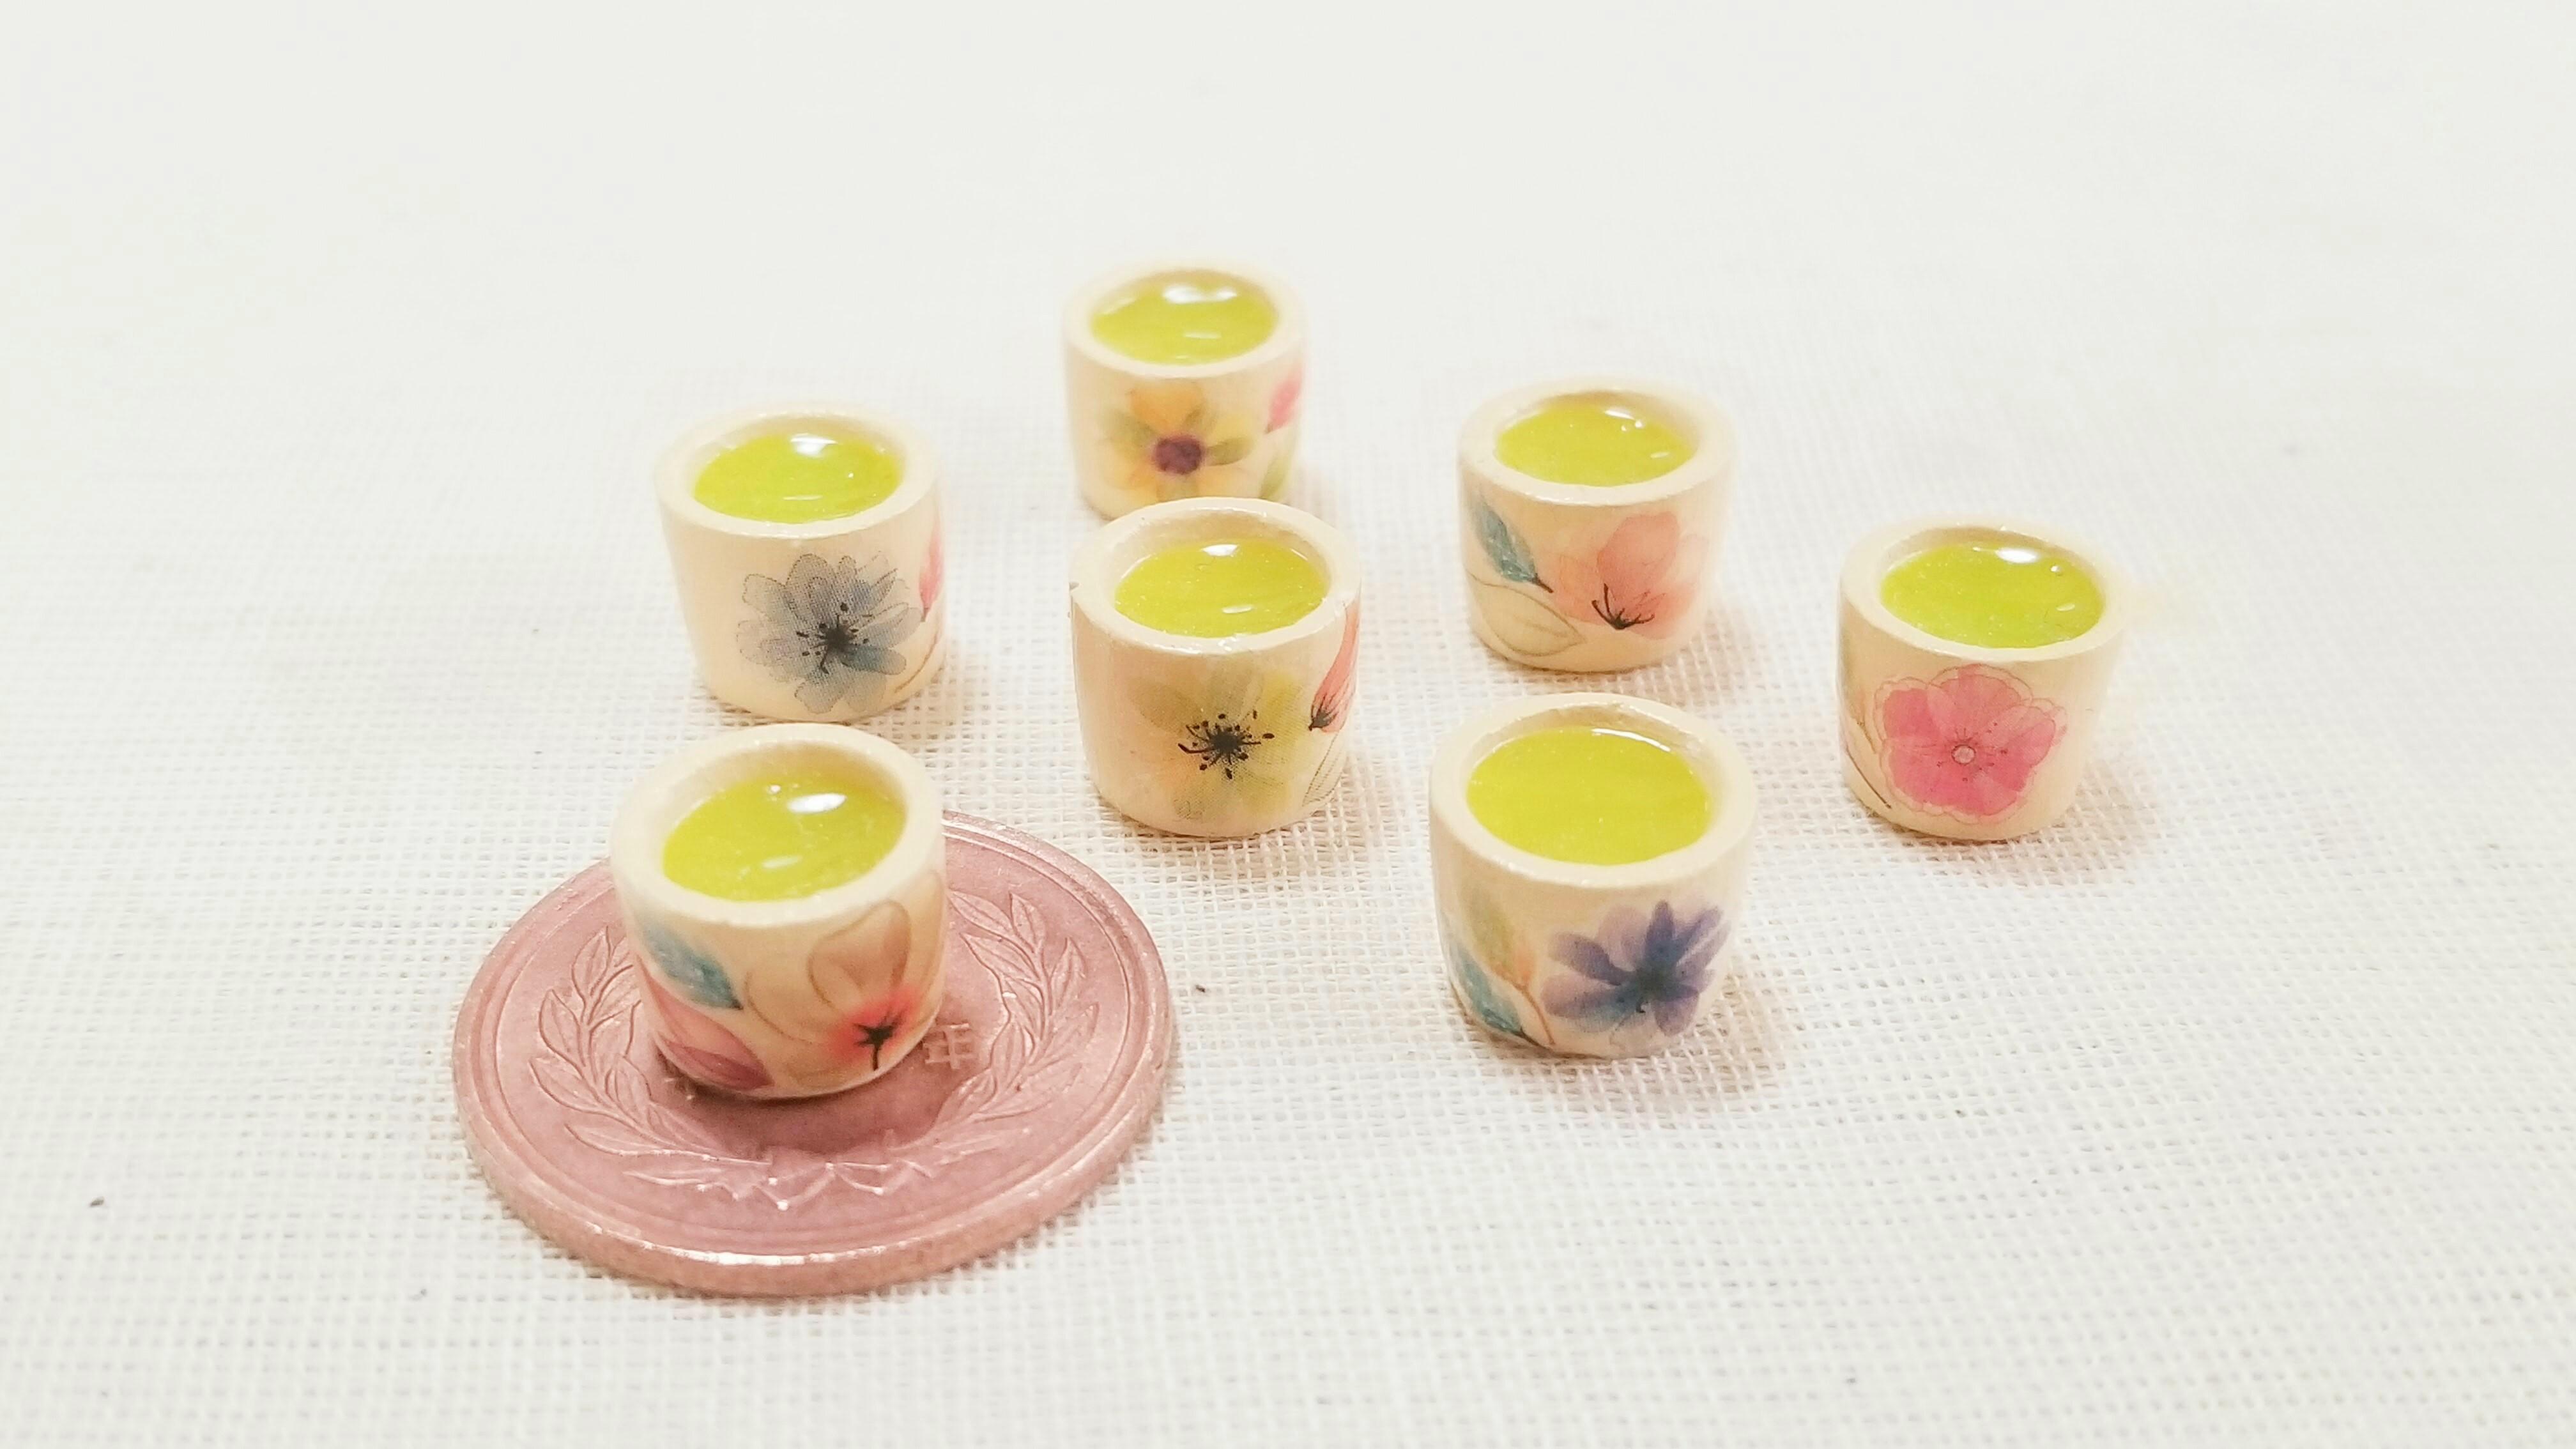 ミニチュアフード可愛い小物和風花柄飲み物ドリンクお茶作り方ブログ